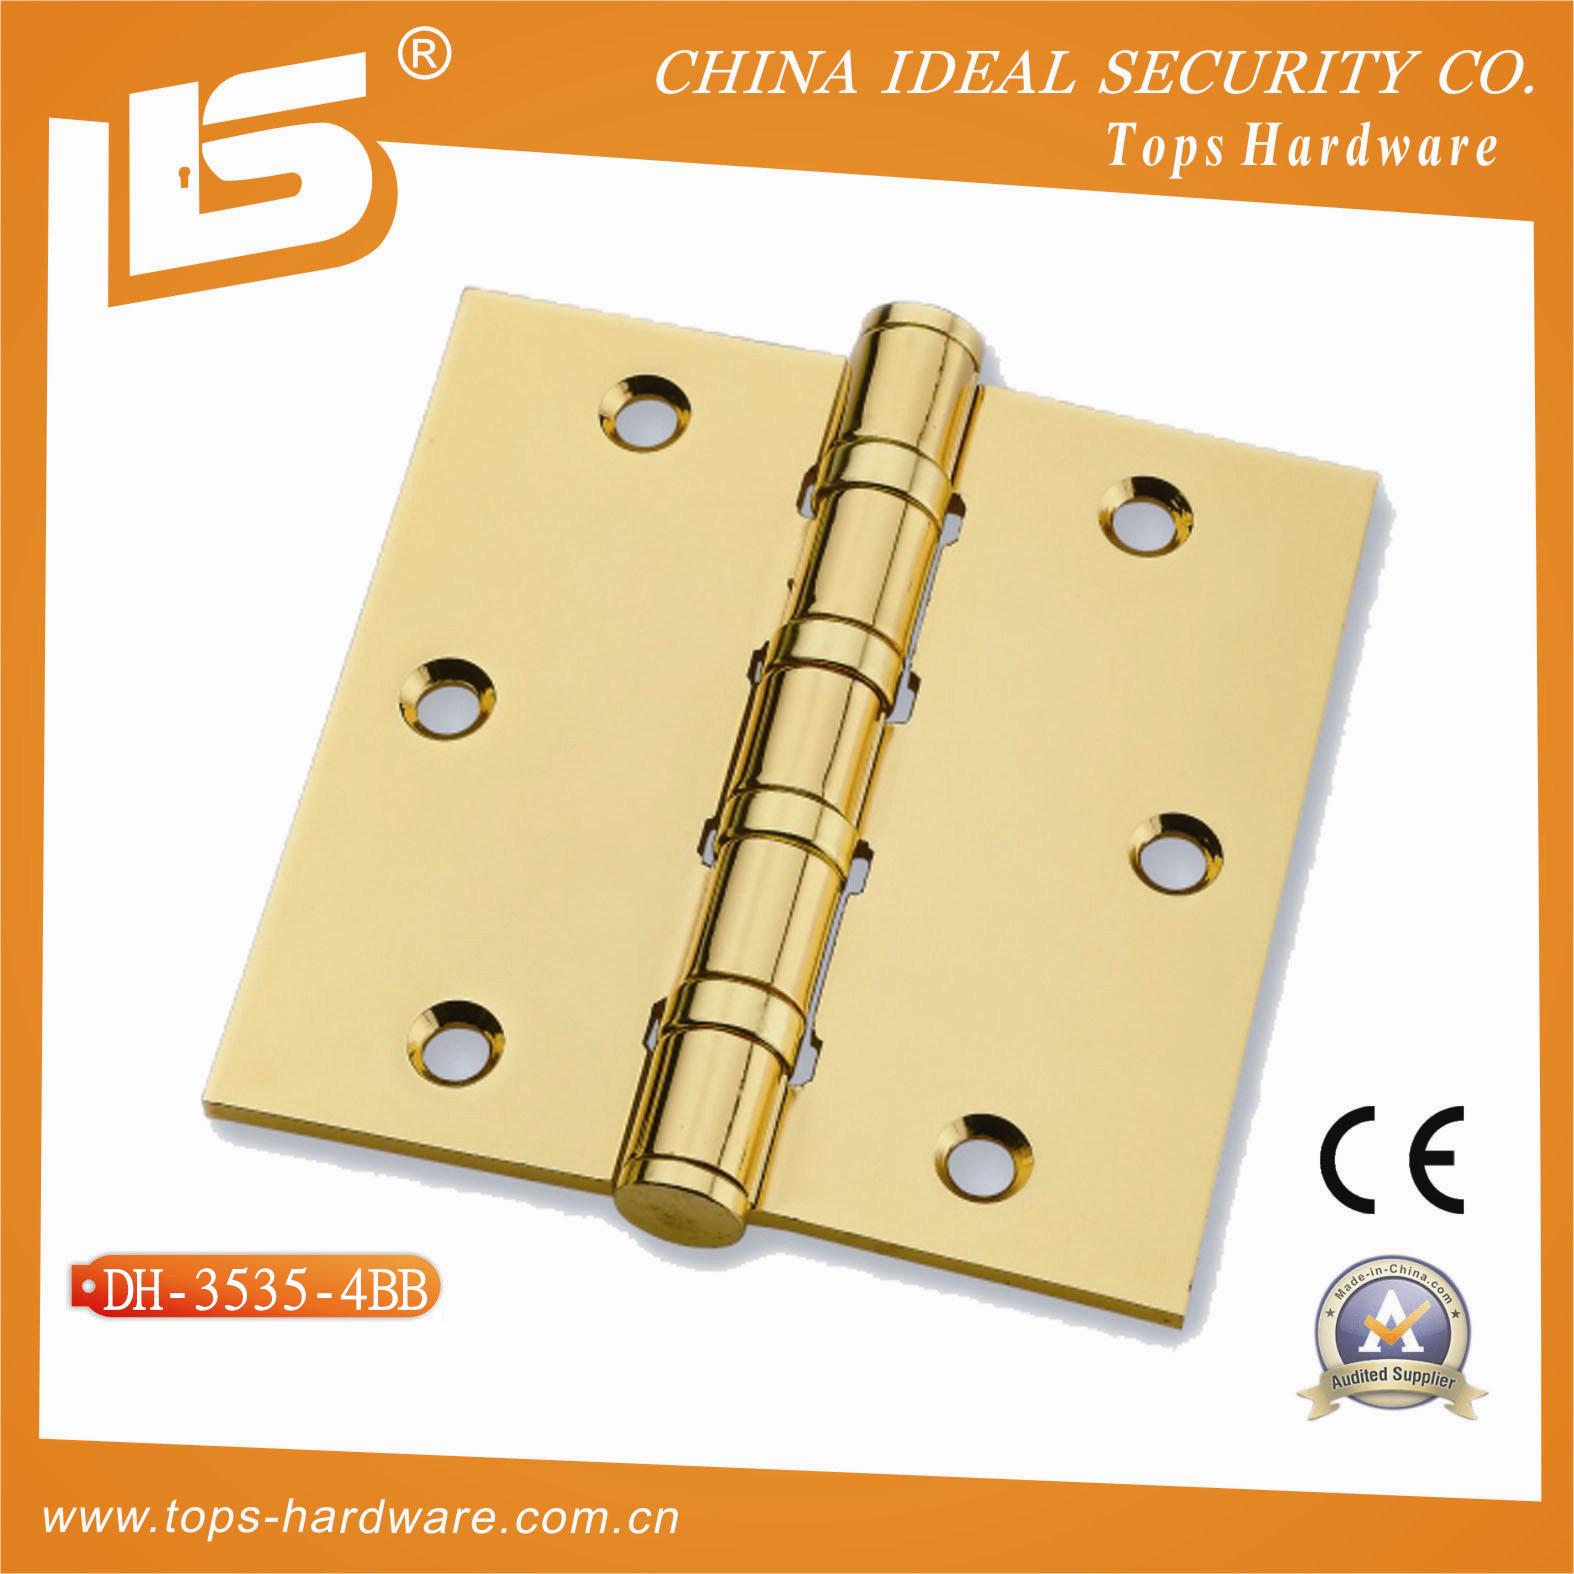 Stainless Steel Bearing Door Hinge (DH-3535-4BB)